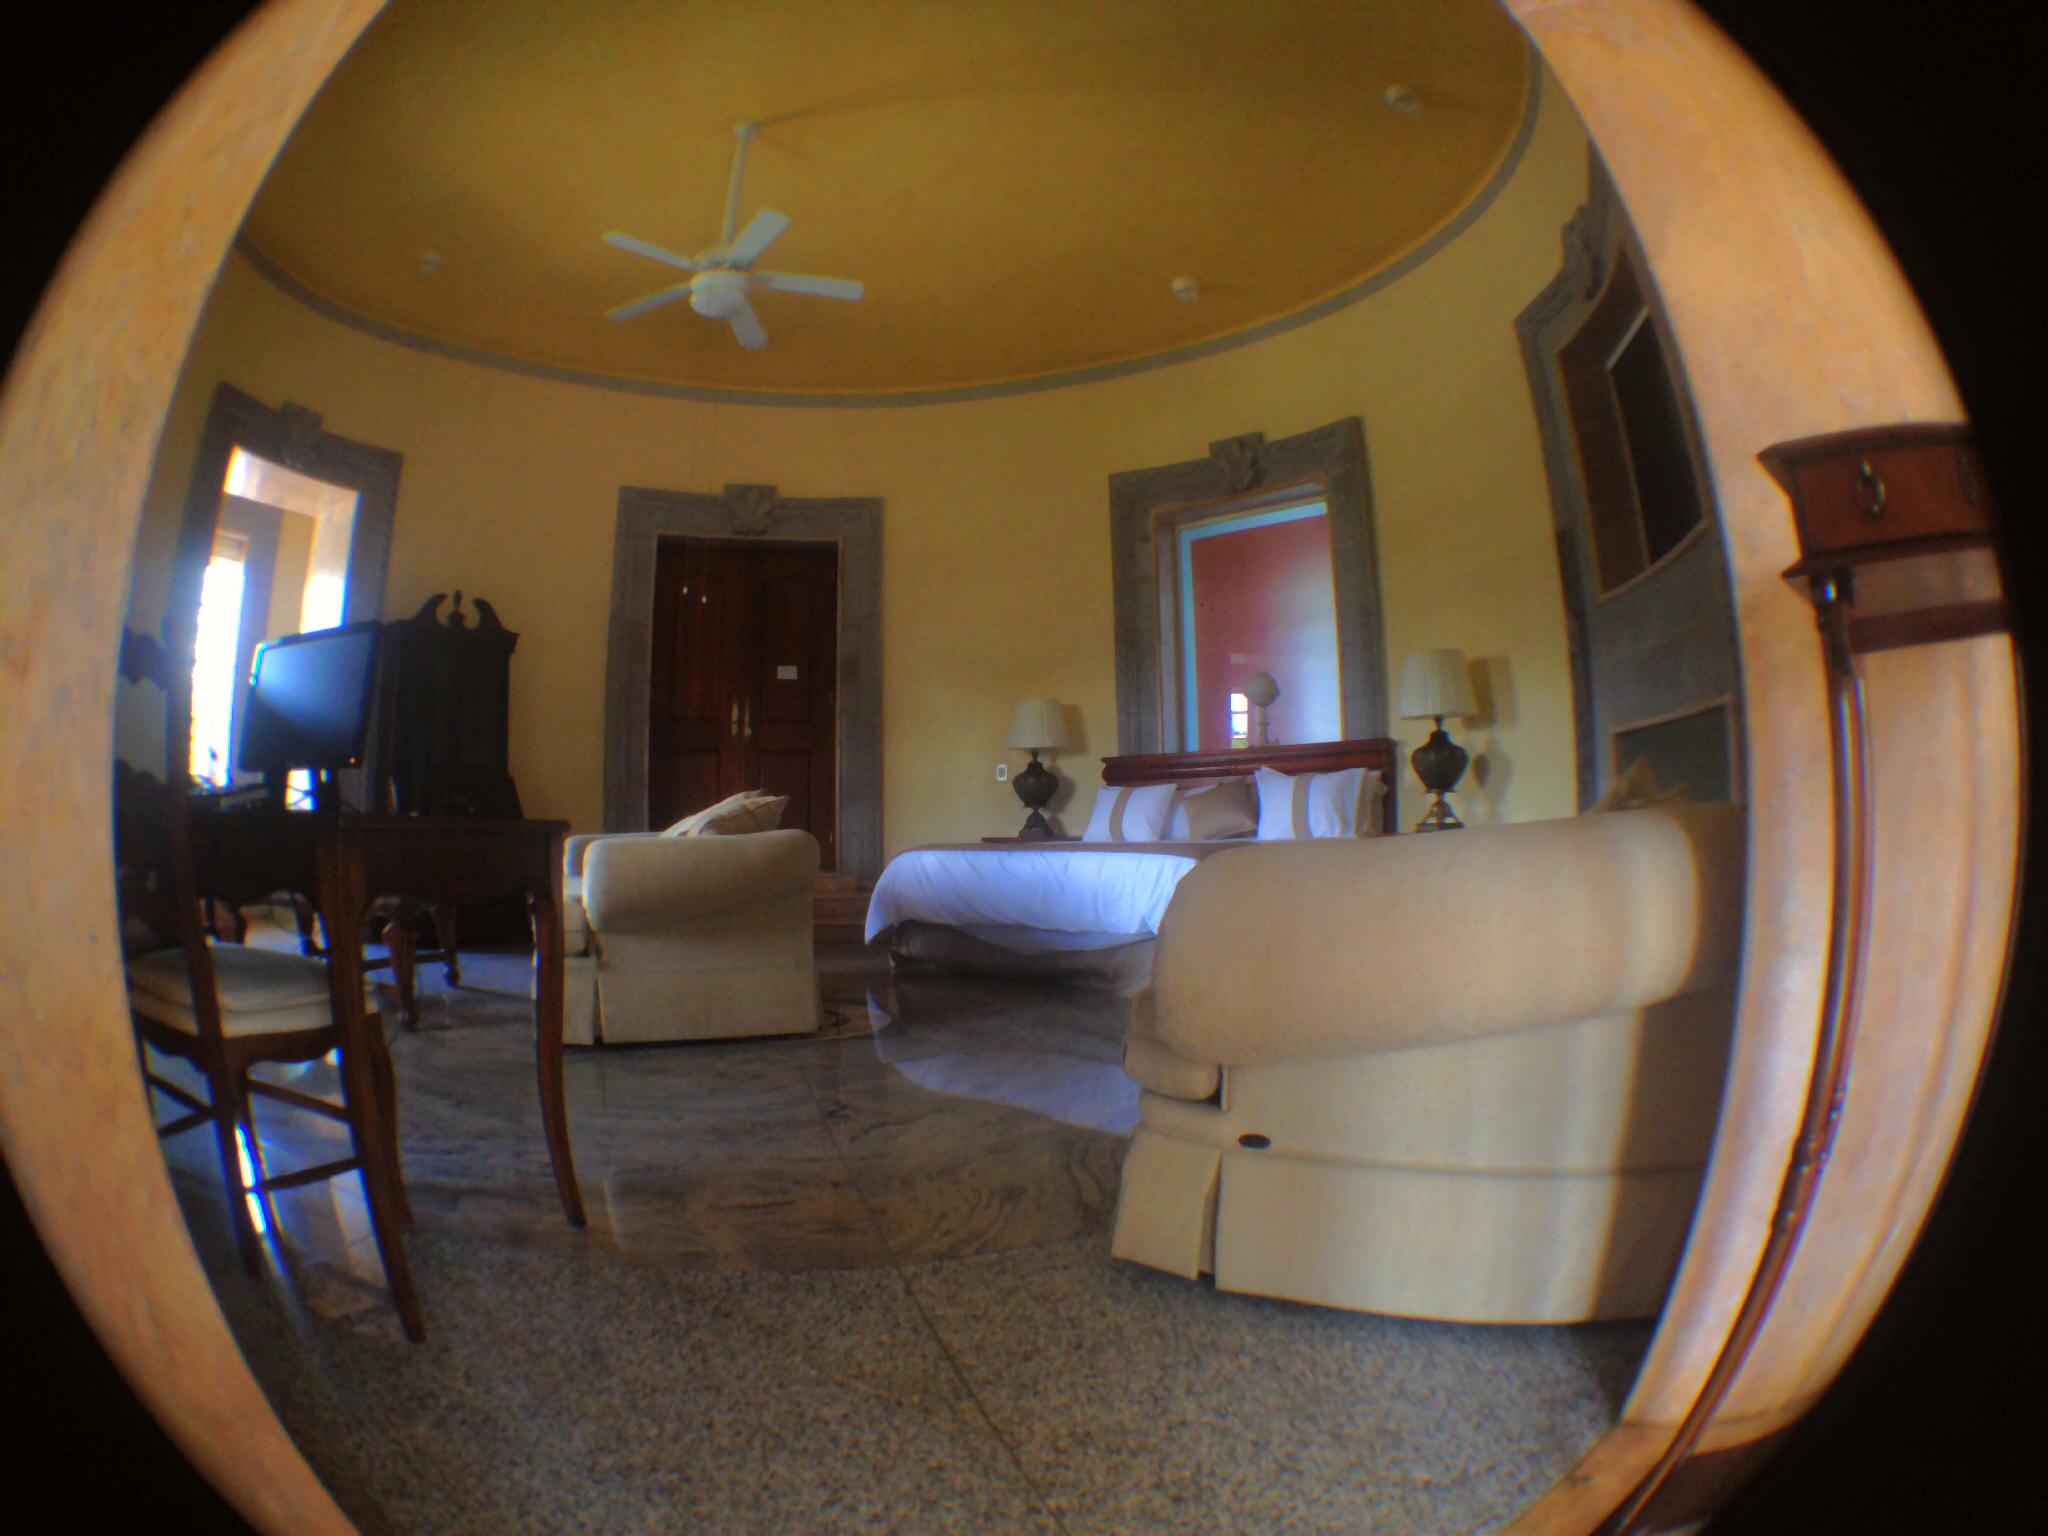 Habitacion principal villa toscana.jpg